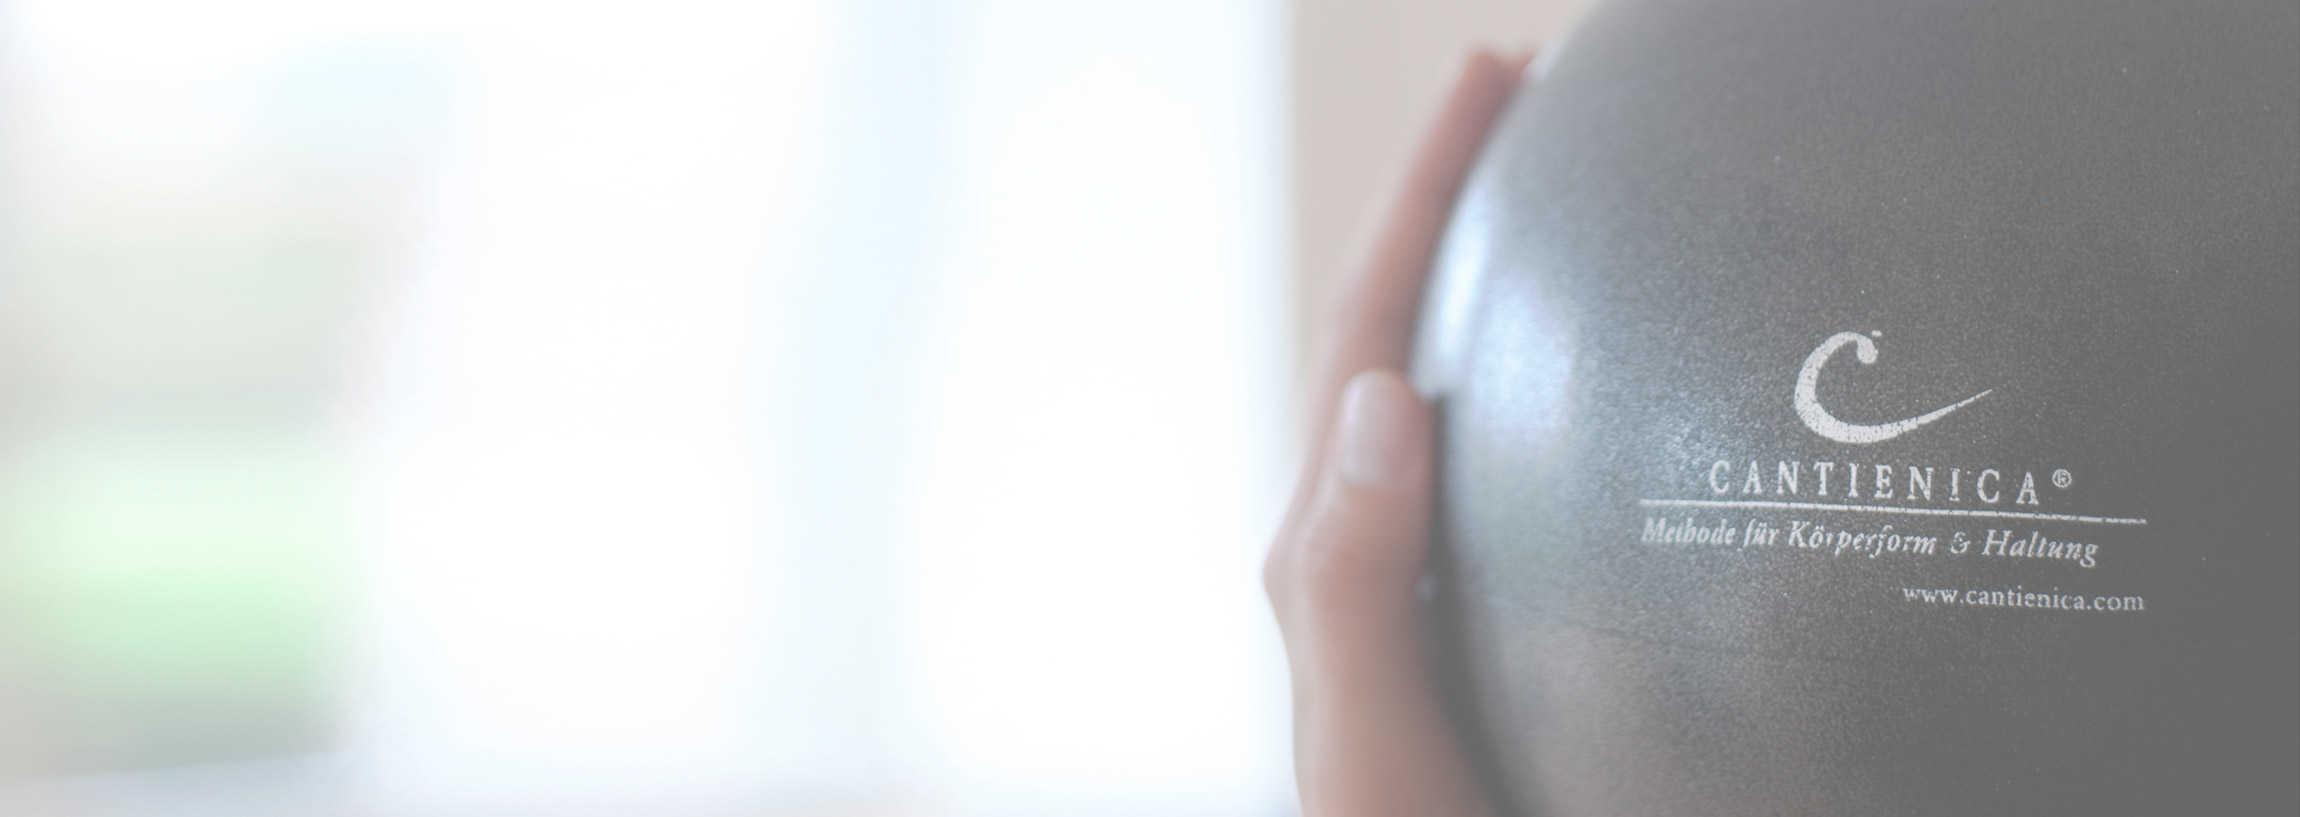 Offers Ball